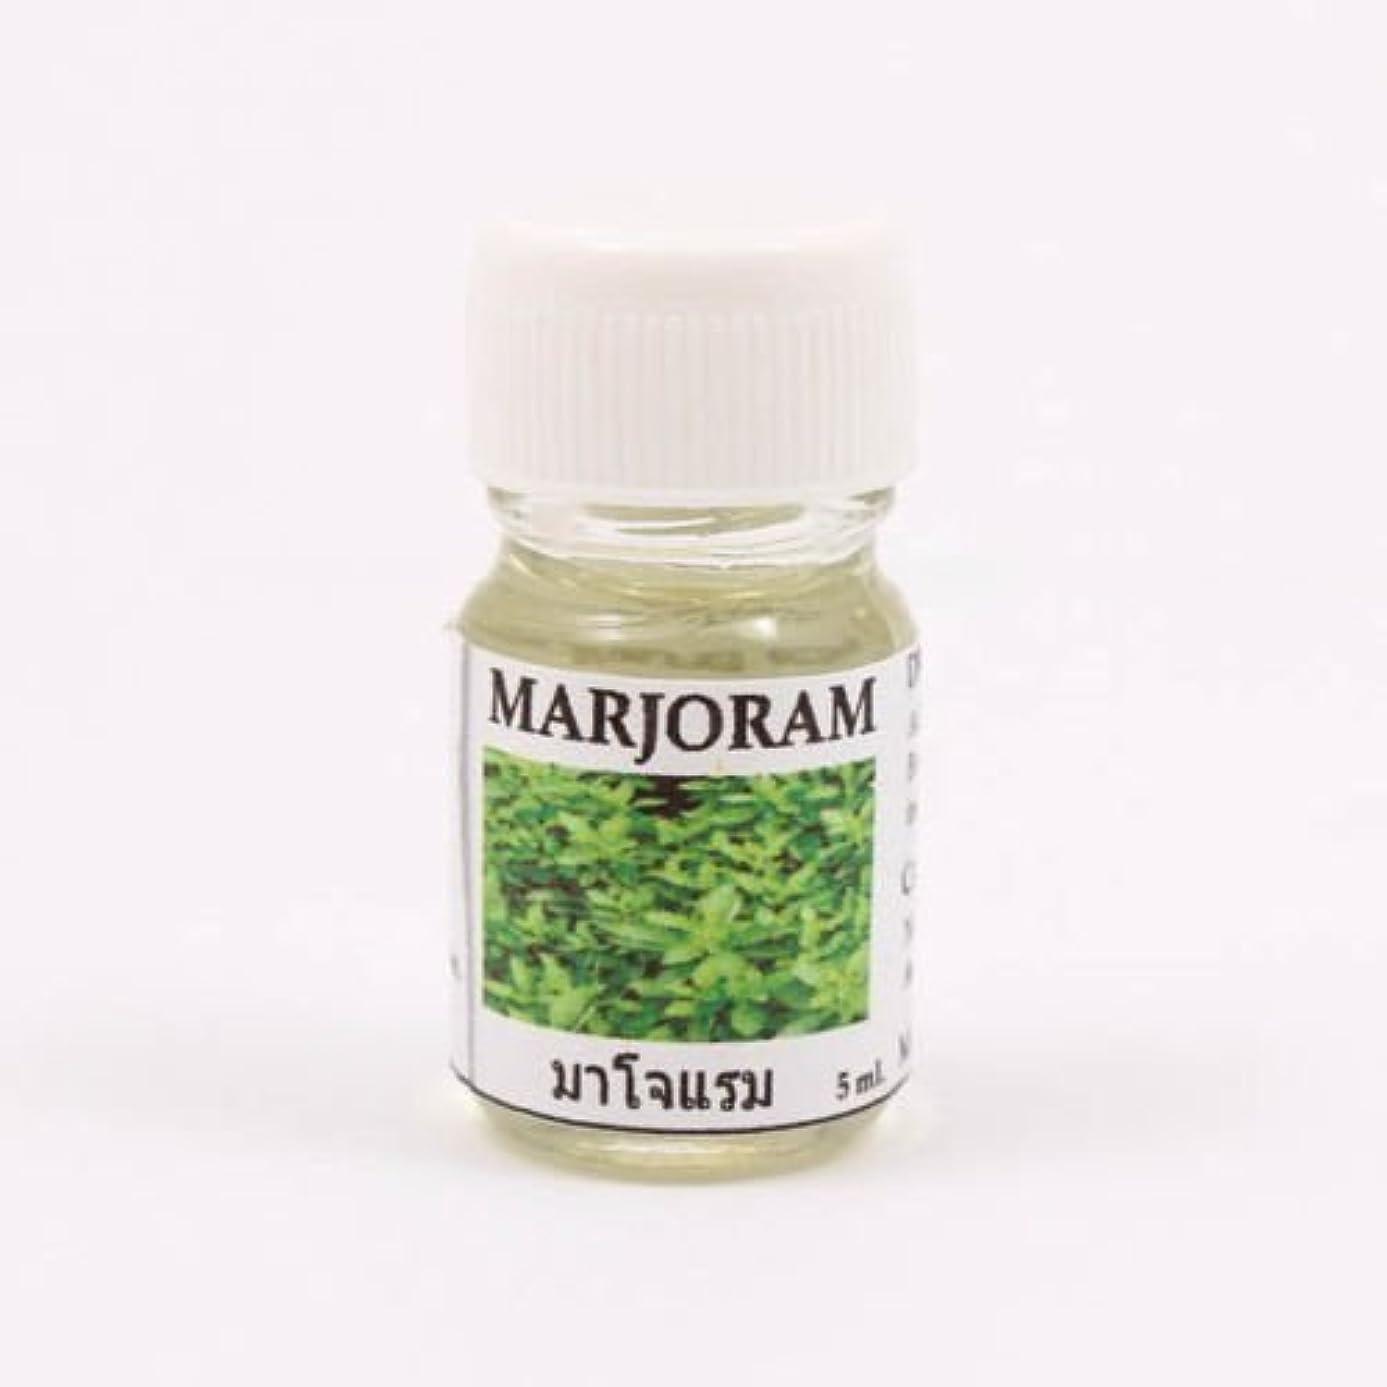 演じる摂動オープナー6X Marjoram Aroma Fragrance Essential Oil 5ML (cc) Diffuser Burner Therapy